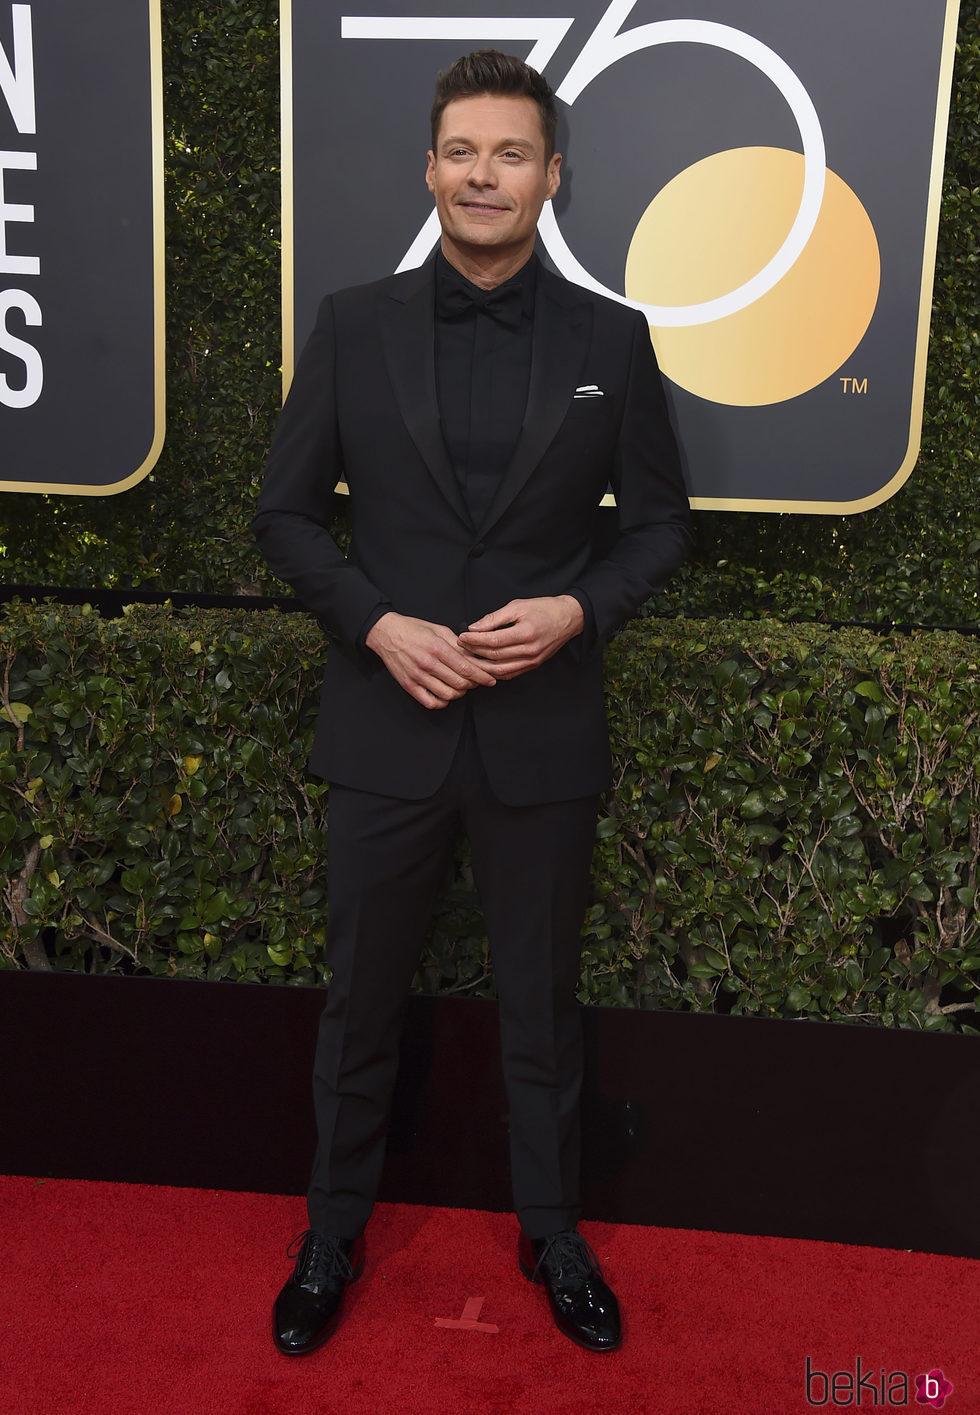 Ryan Seacrest en la alfombra roja de los Globos de Oro 2018